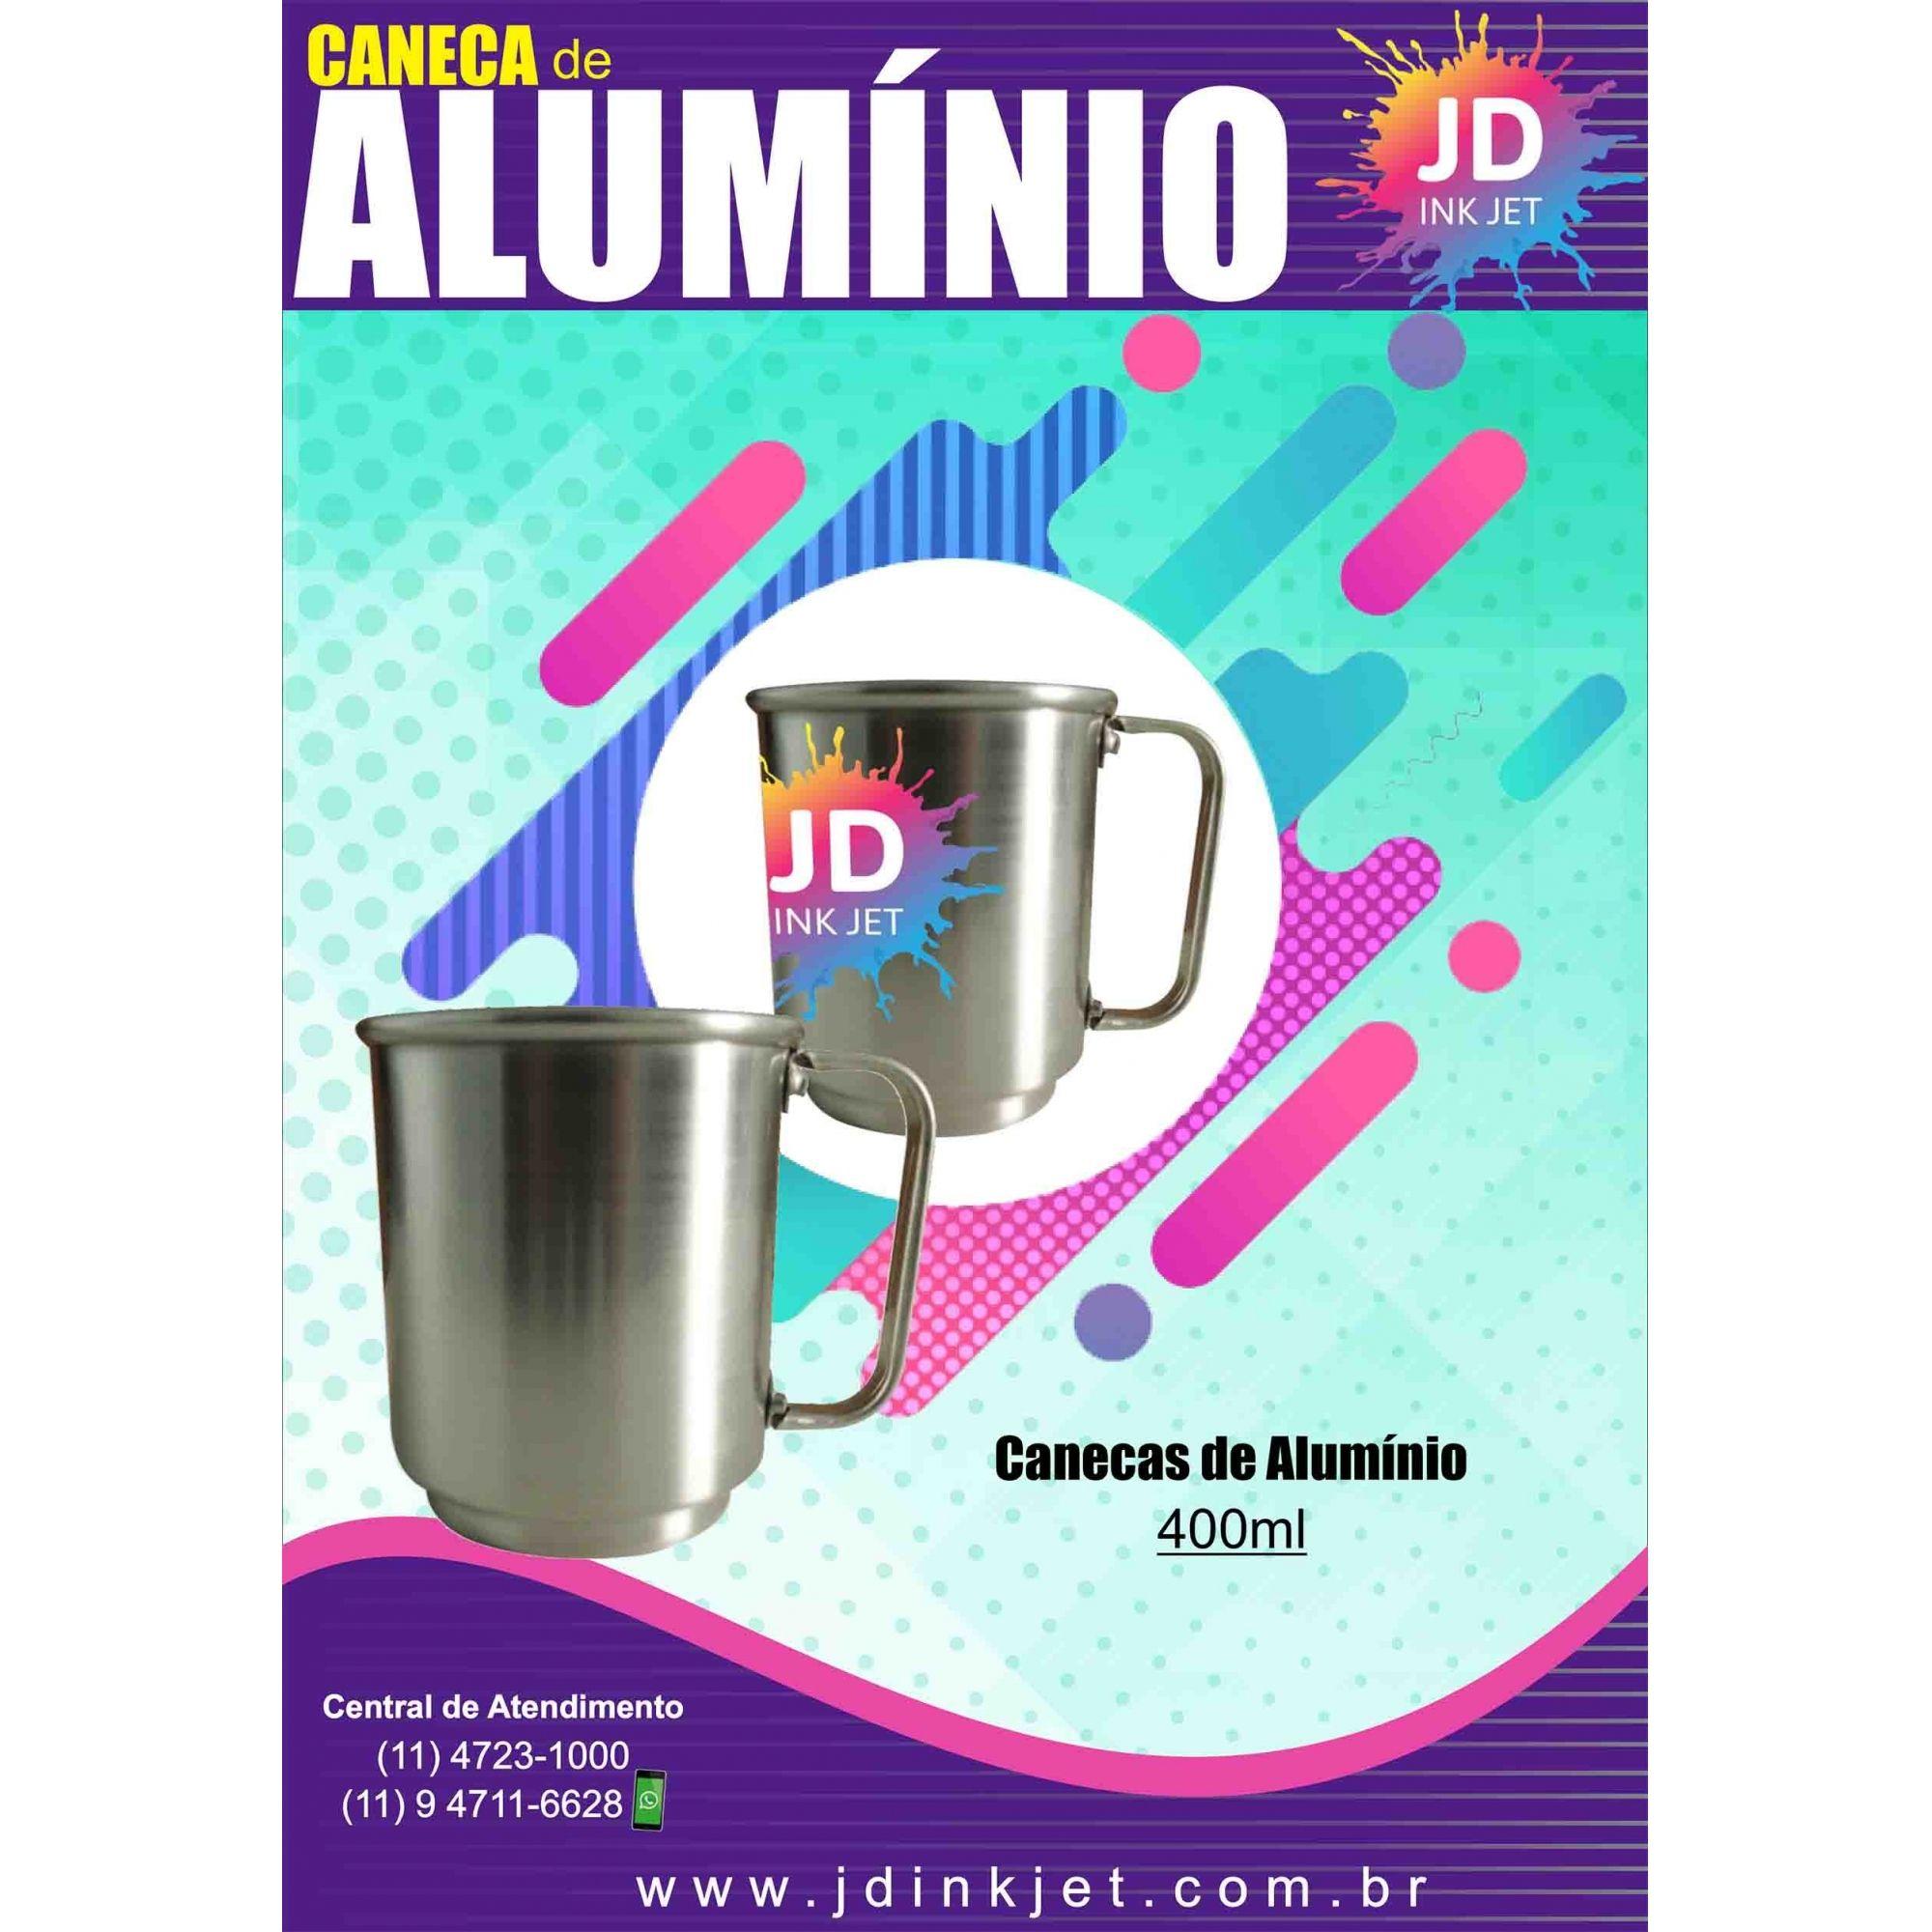 Caneca de Alumínio 400ml Brilhante